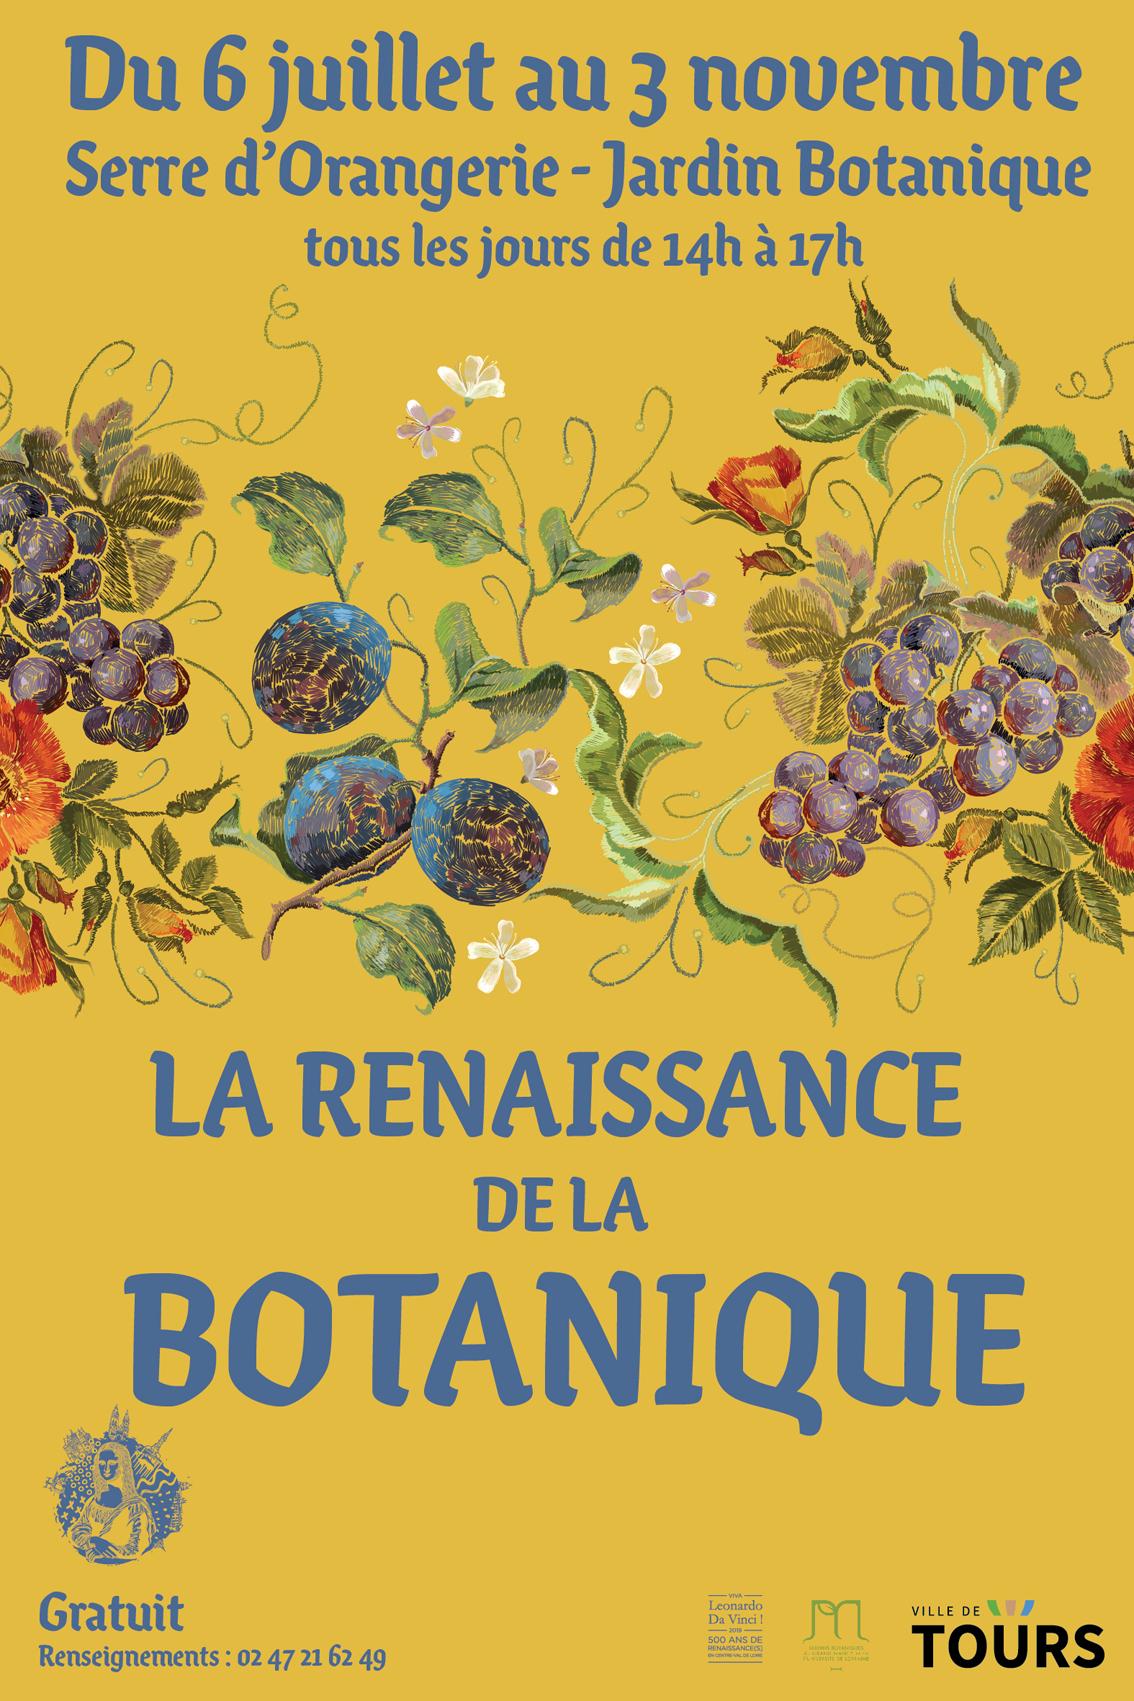 La renaissance de la Botanique # Tours @ Jardin botanique